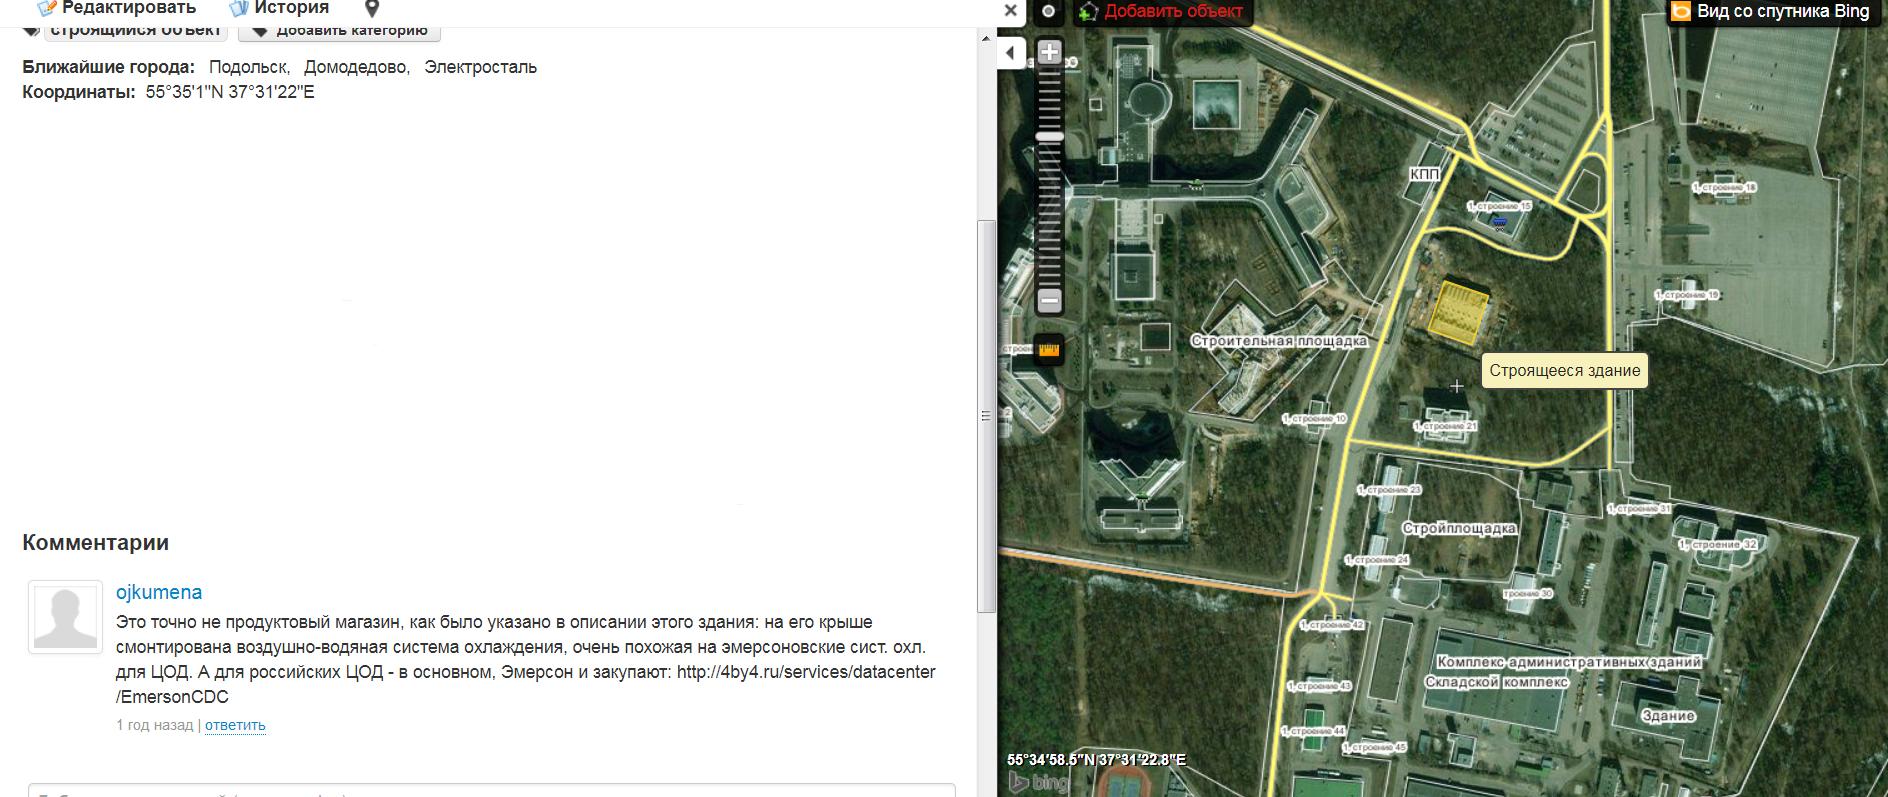 Var Rysslands militära utrikesunderrättelsetjänst förvarar Novitjok